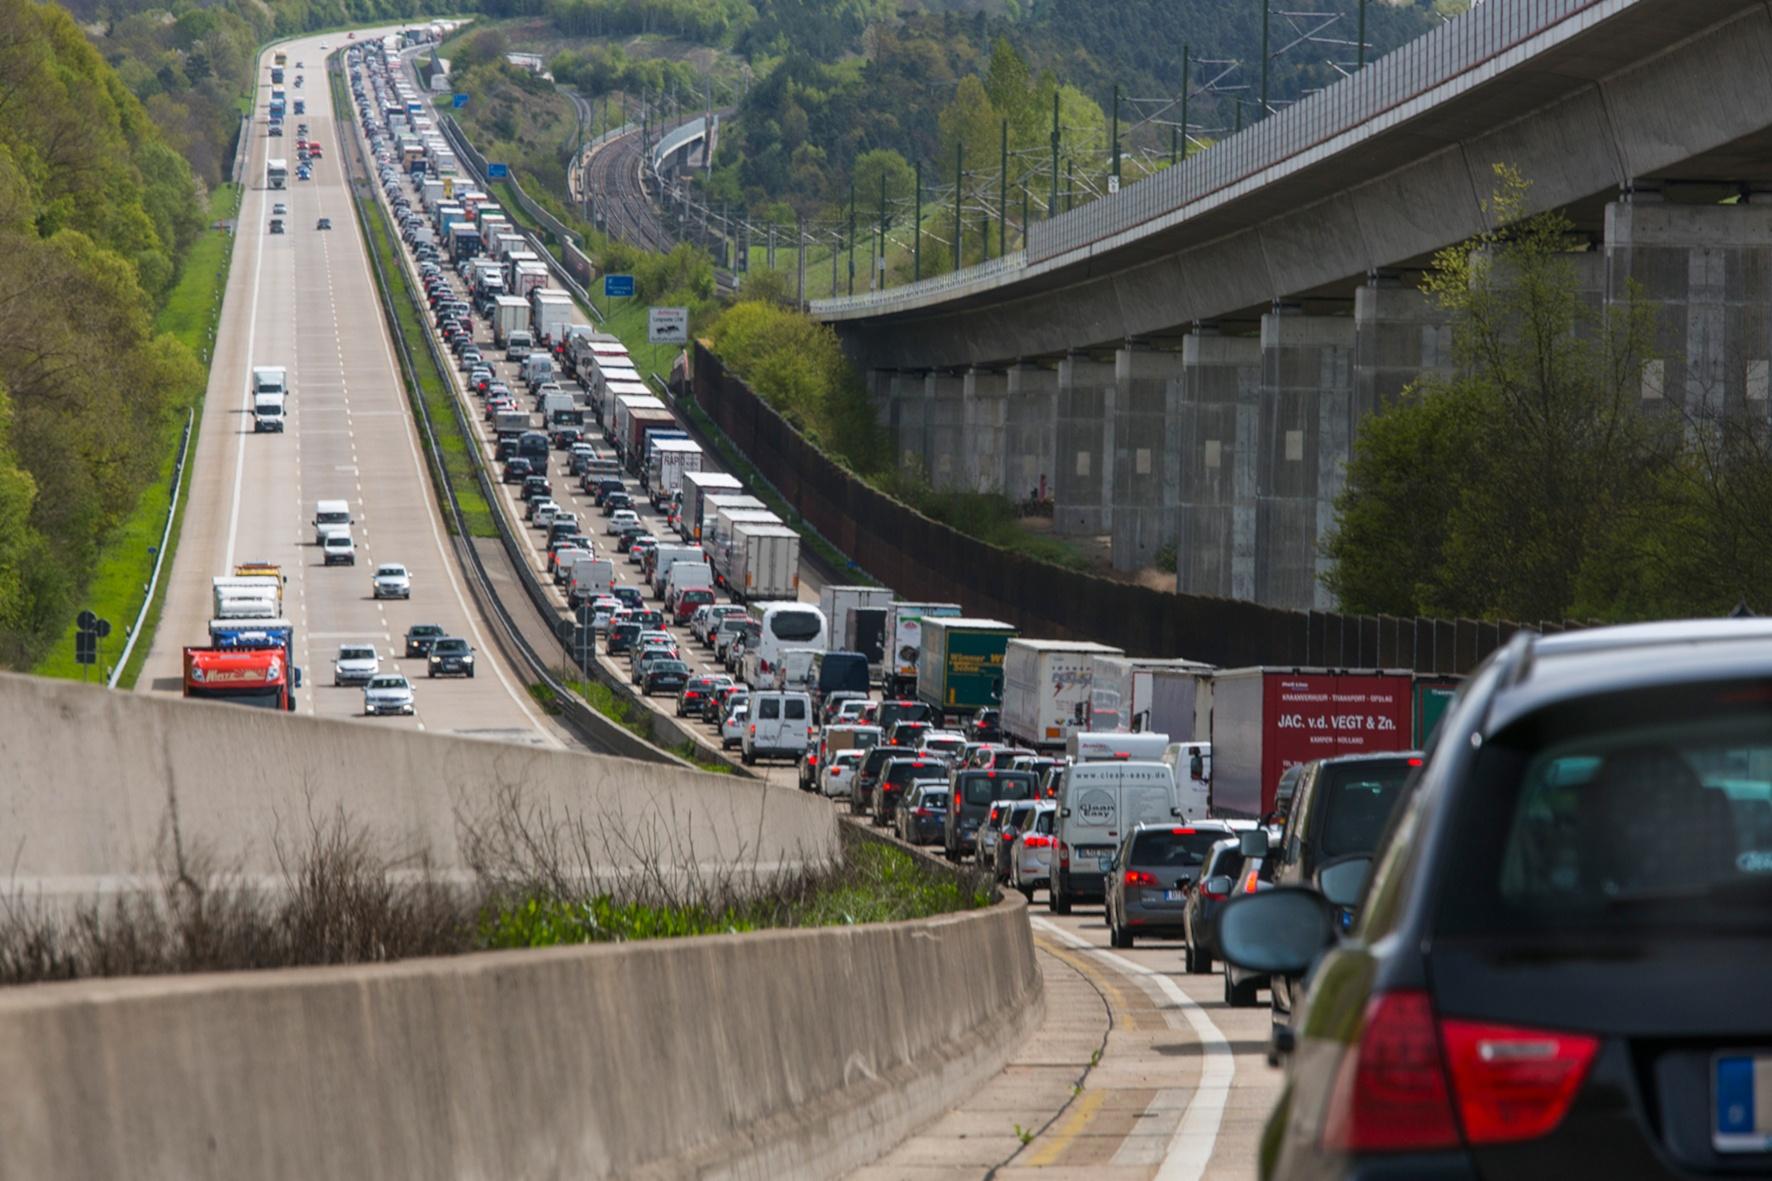 Unfälle können vermieden werden, wenn der Verkehrsfluss verbessert wird